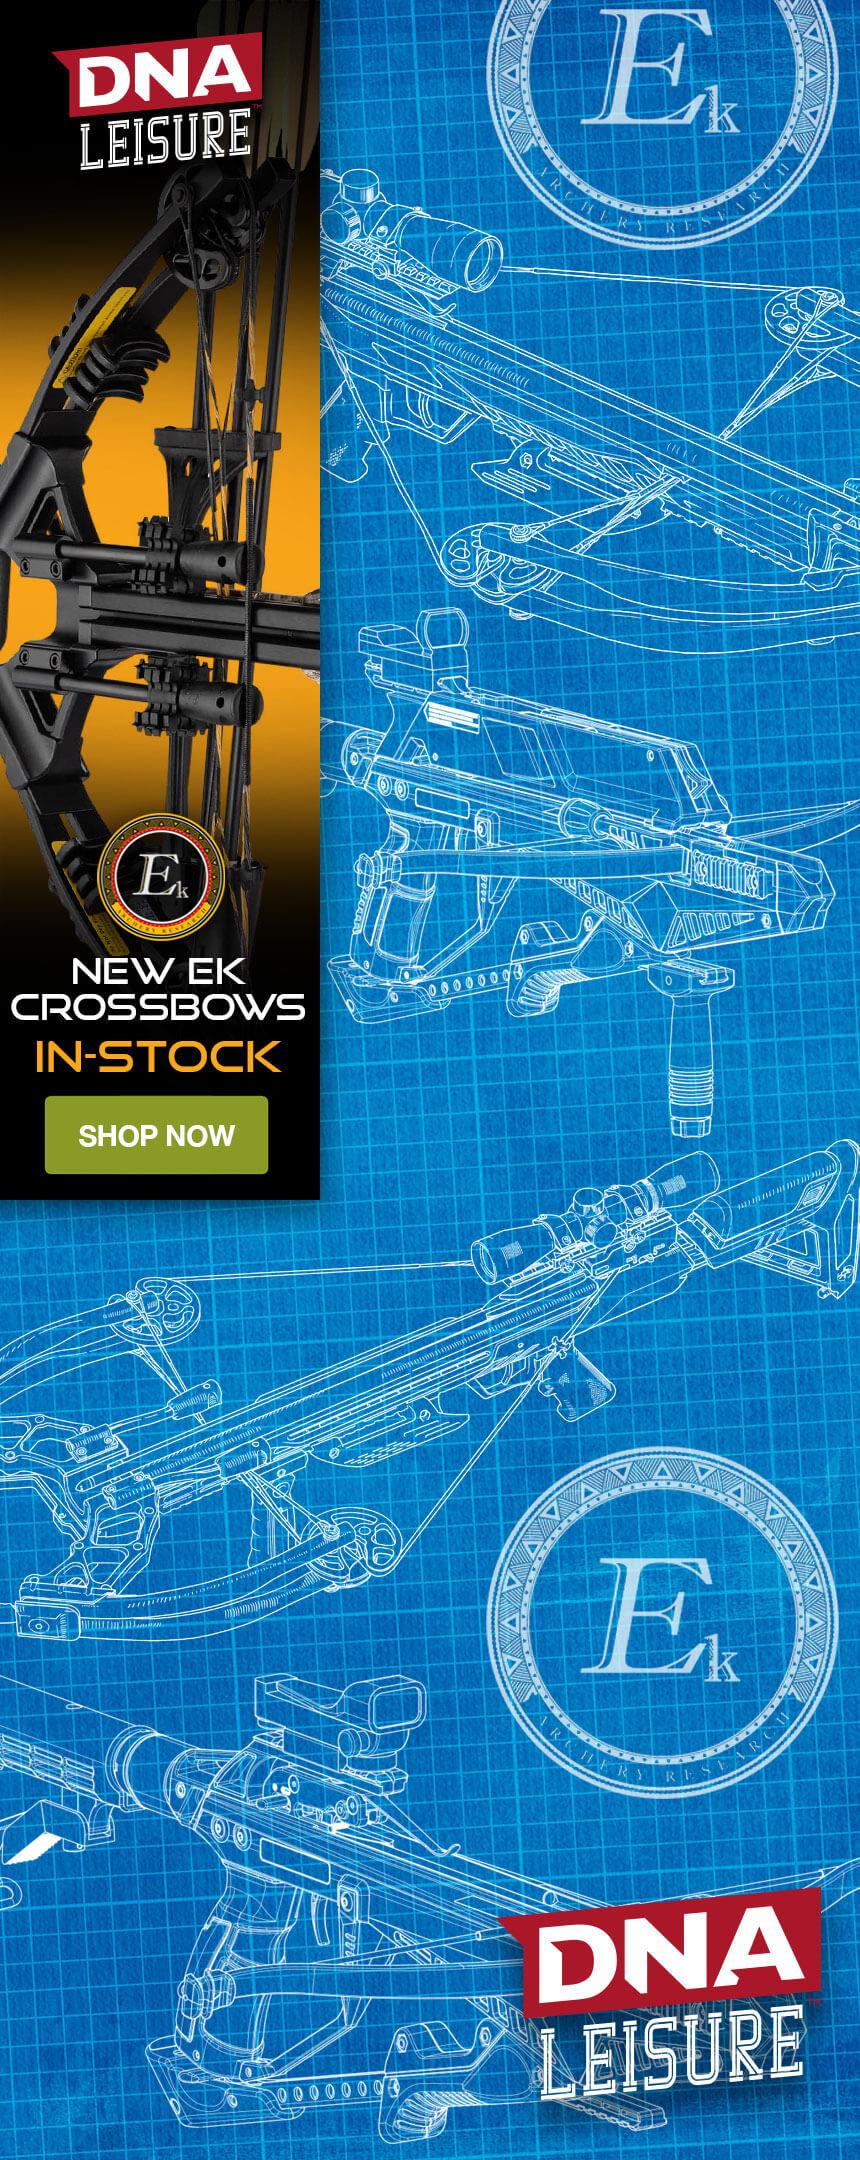 DNA leisure - New EK crossbows back in stock